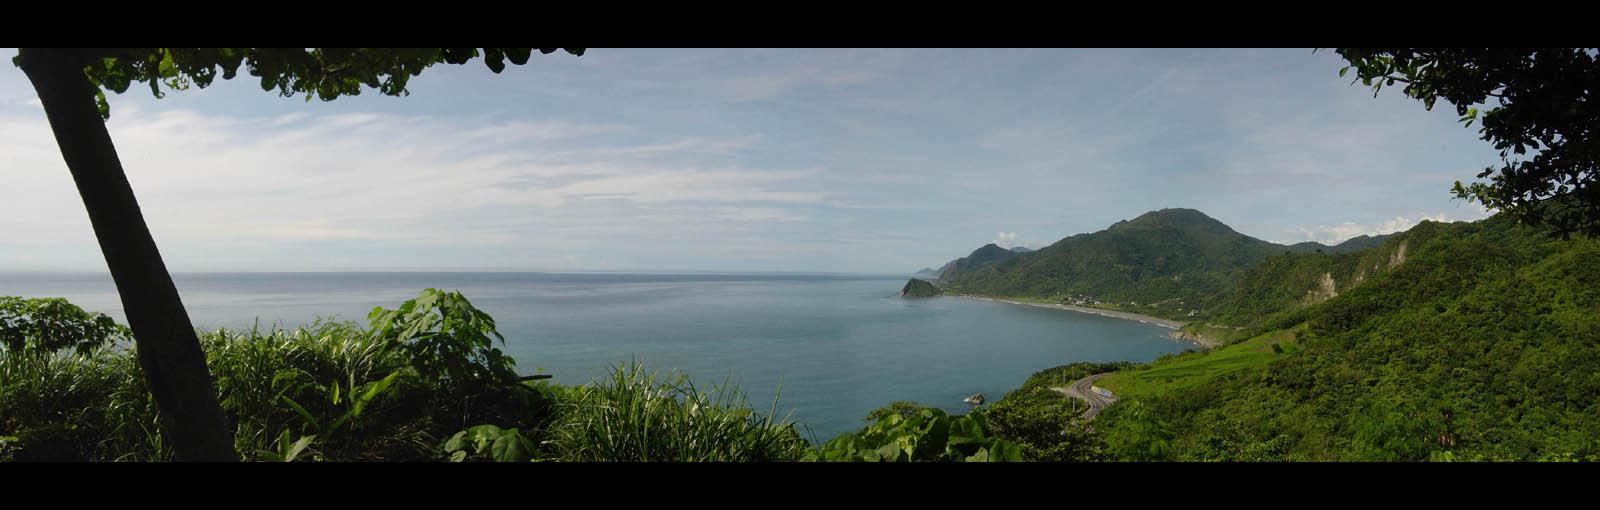 Bewijs dat Taiwan een tropisch eiland is, rondreizen hier is mooi :)